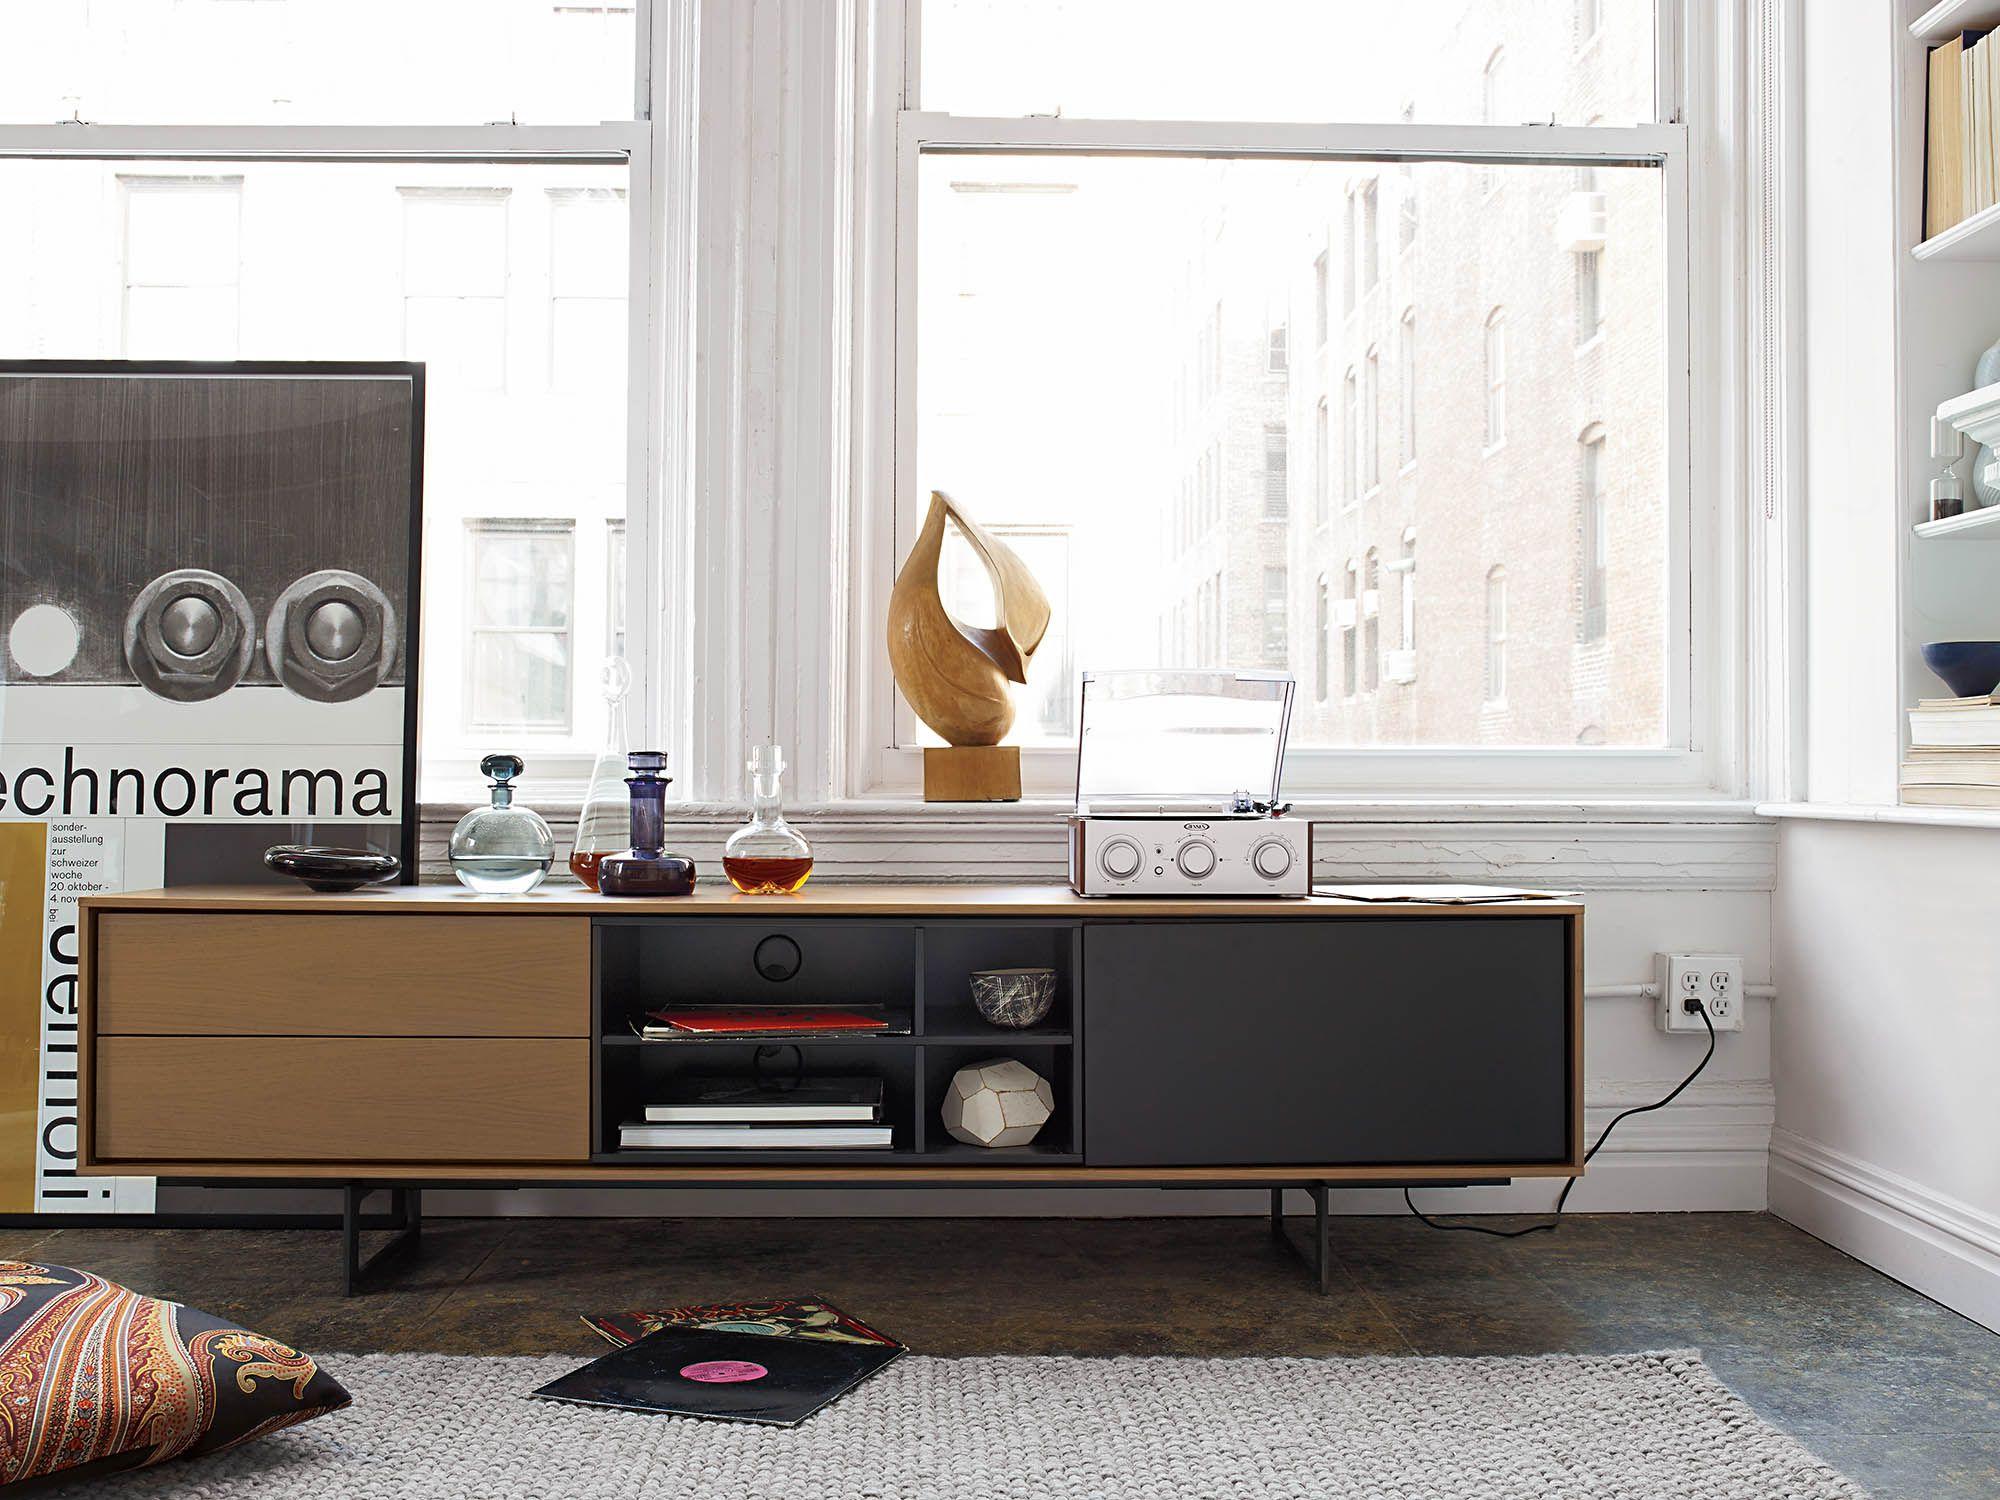 muebles lozano elda sofas obtenga ideas dise o de